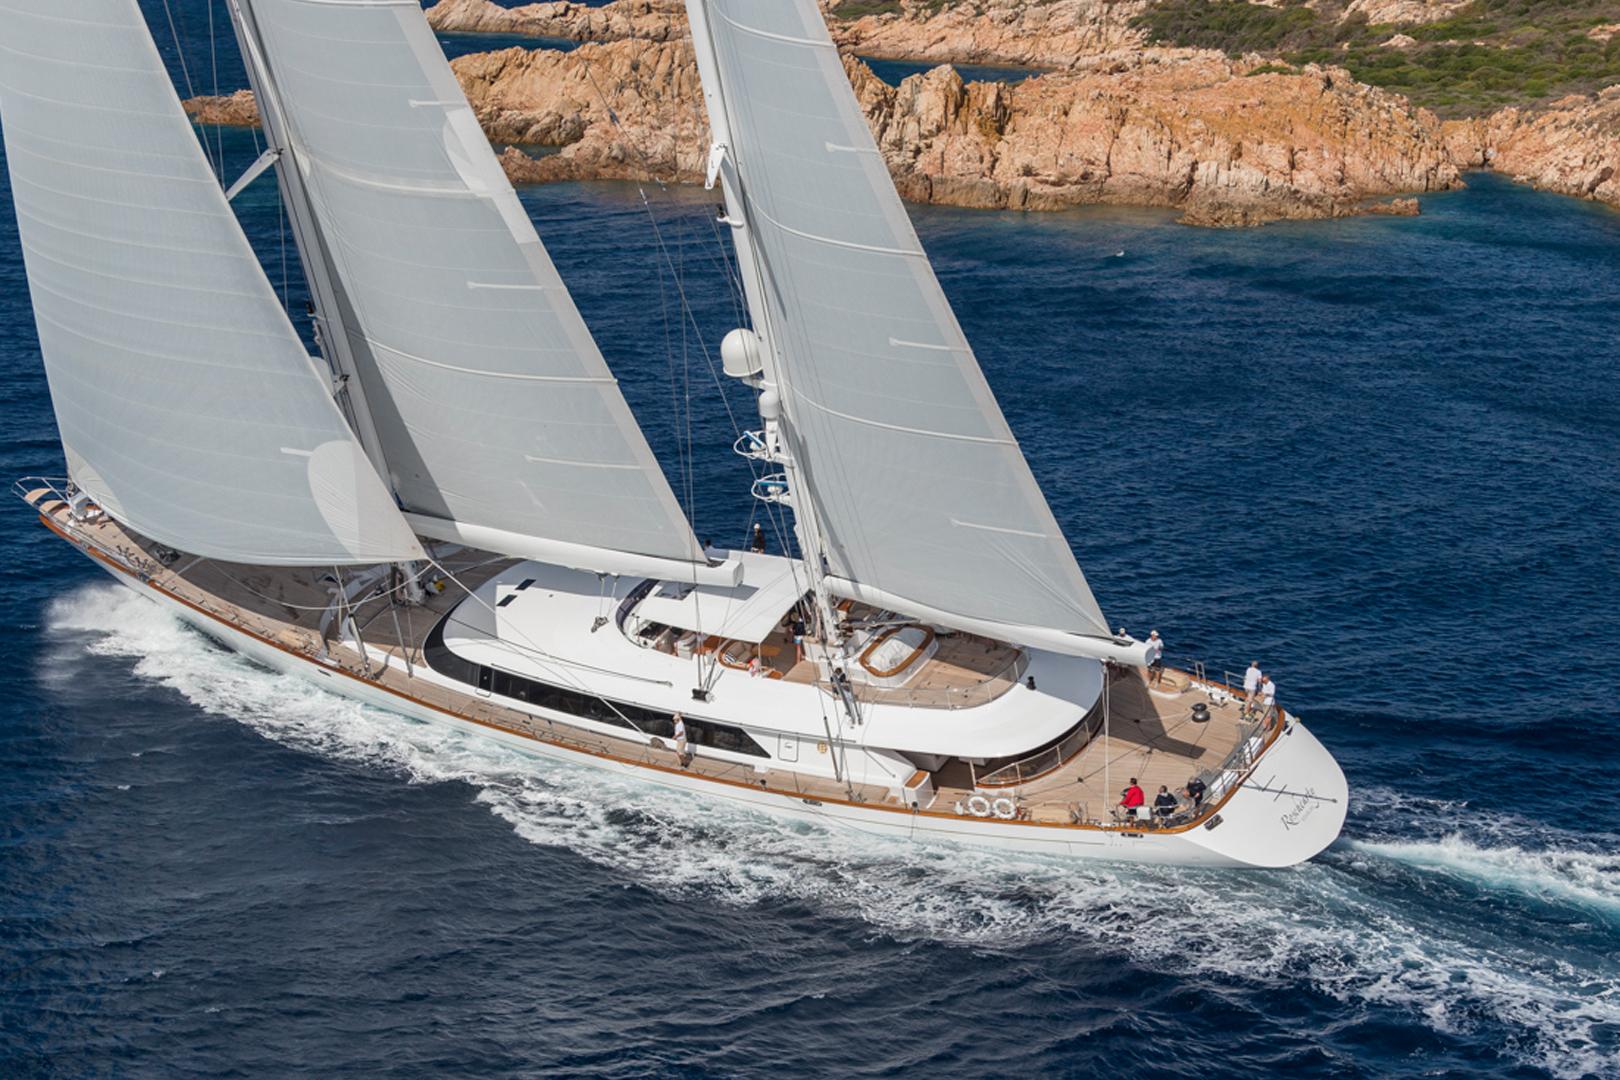 sailing-gallery-racing-3.jpg